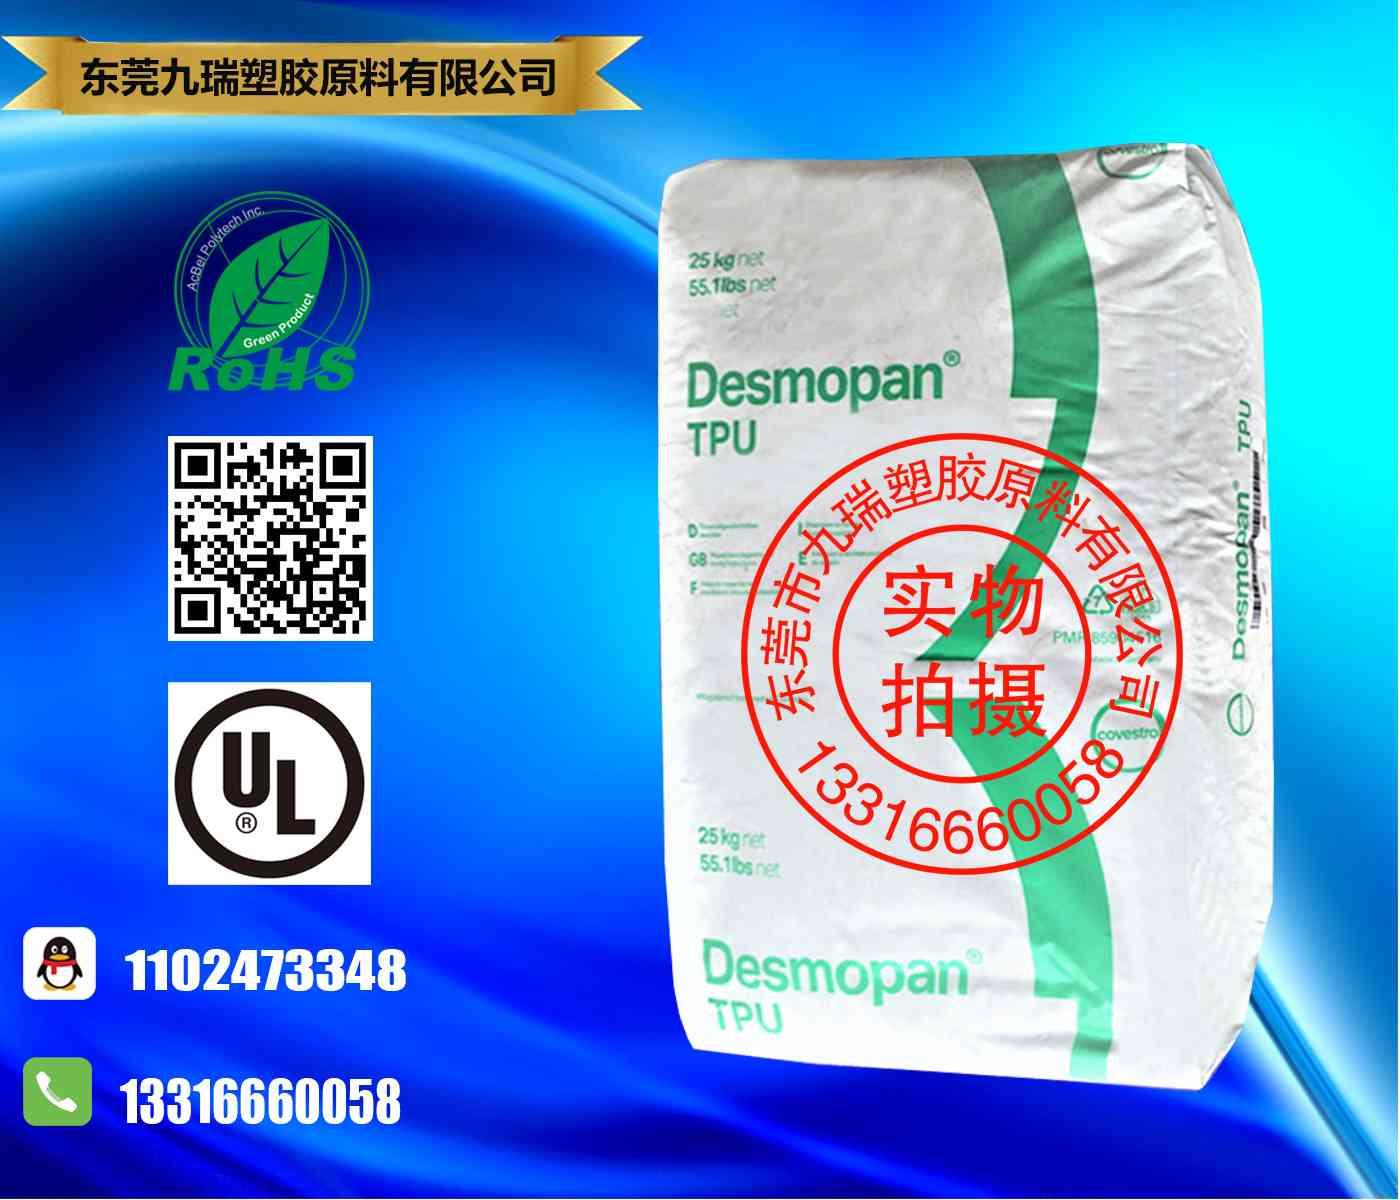 超高耐磨性聚己内酯TPU 487 DPS062